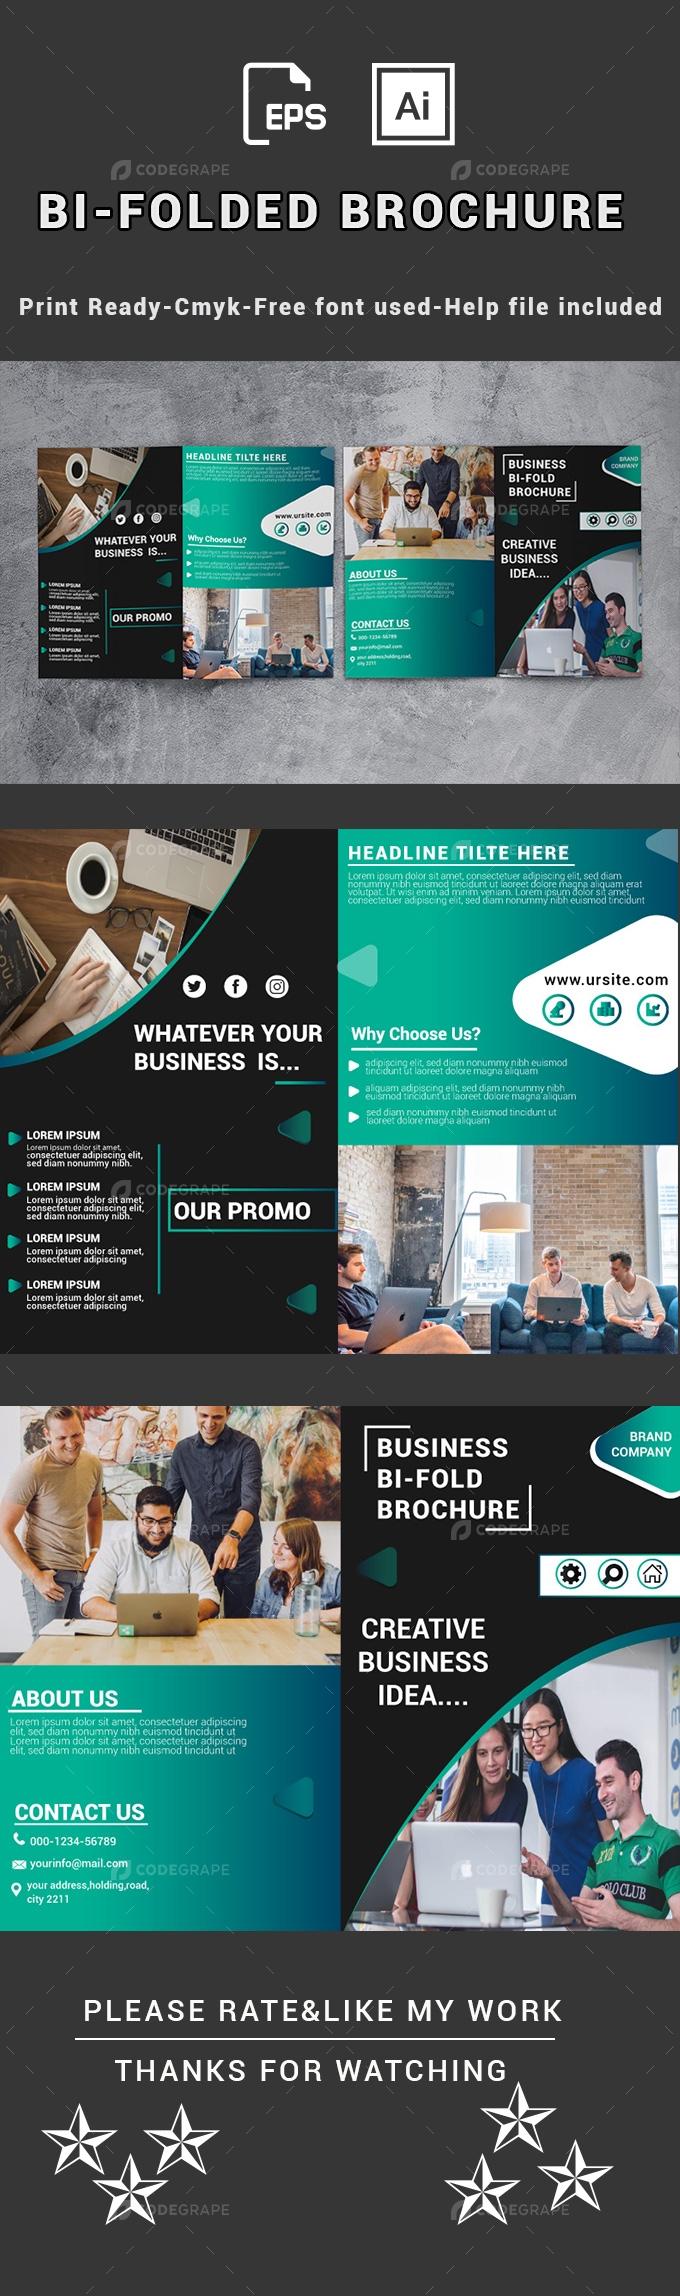 Bi-Folded Corporate Brochure